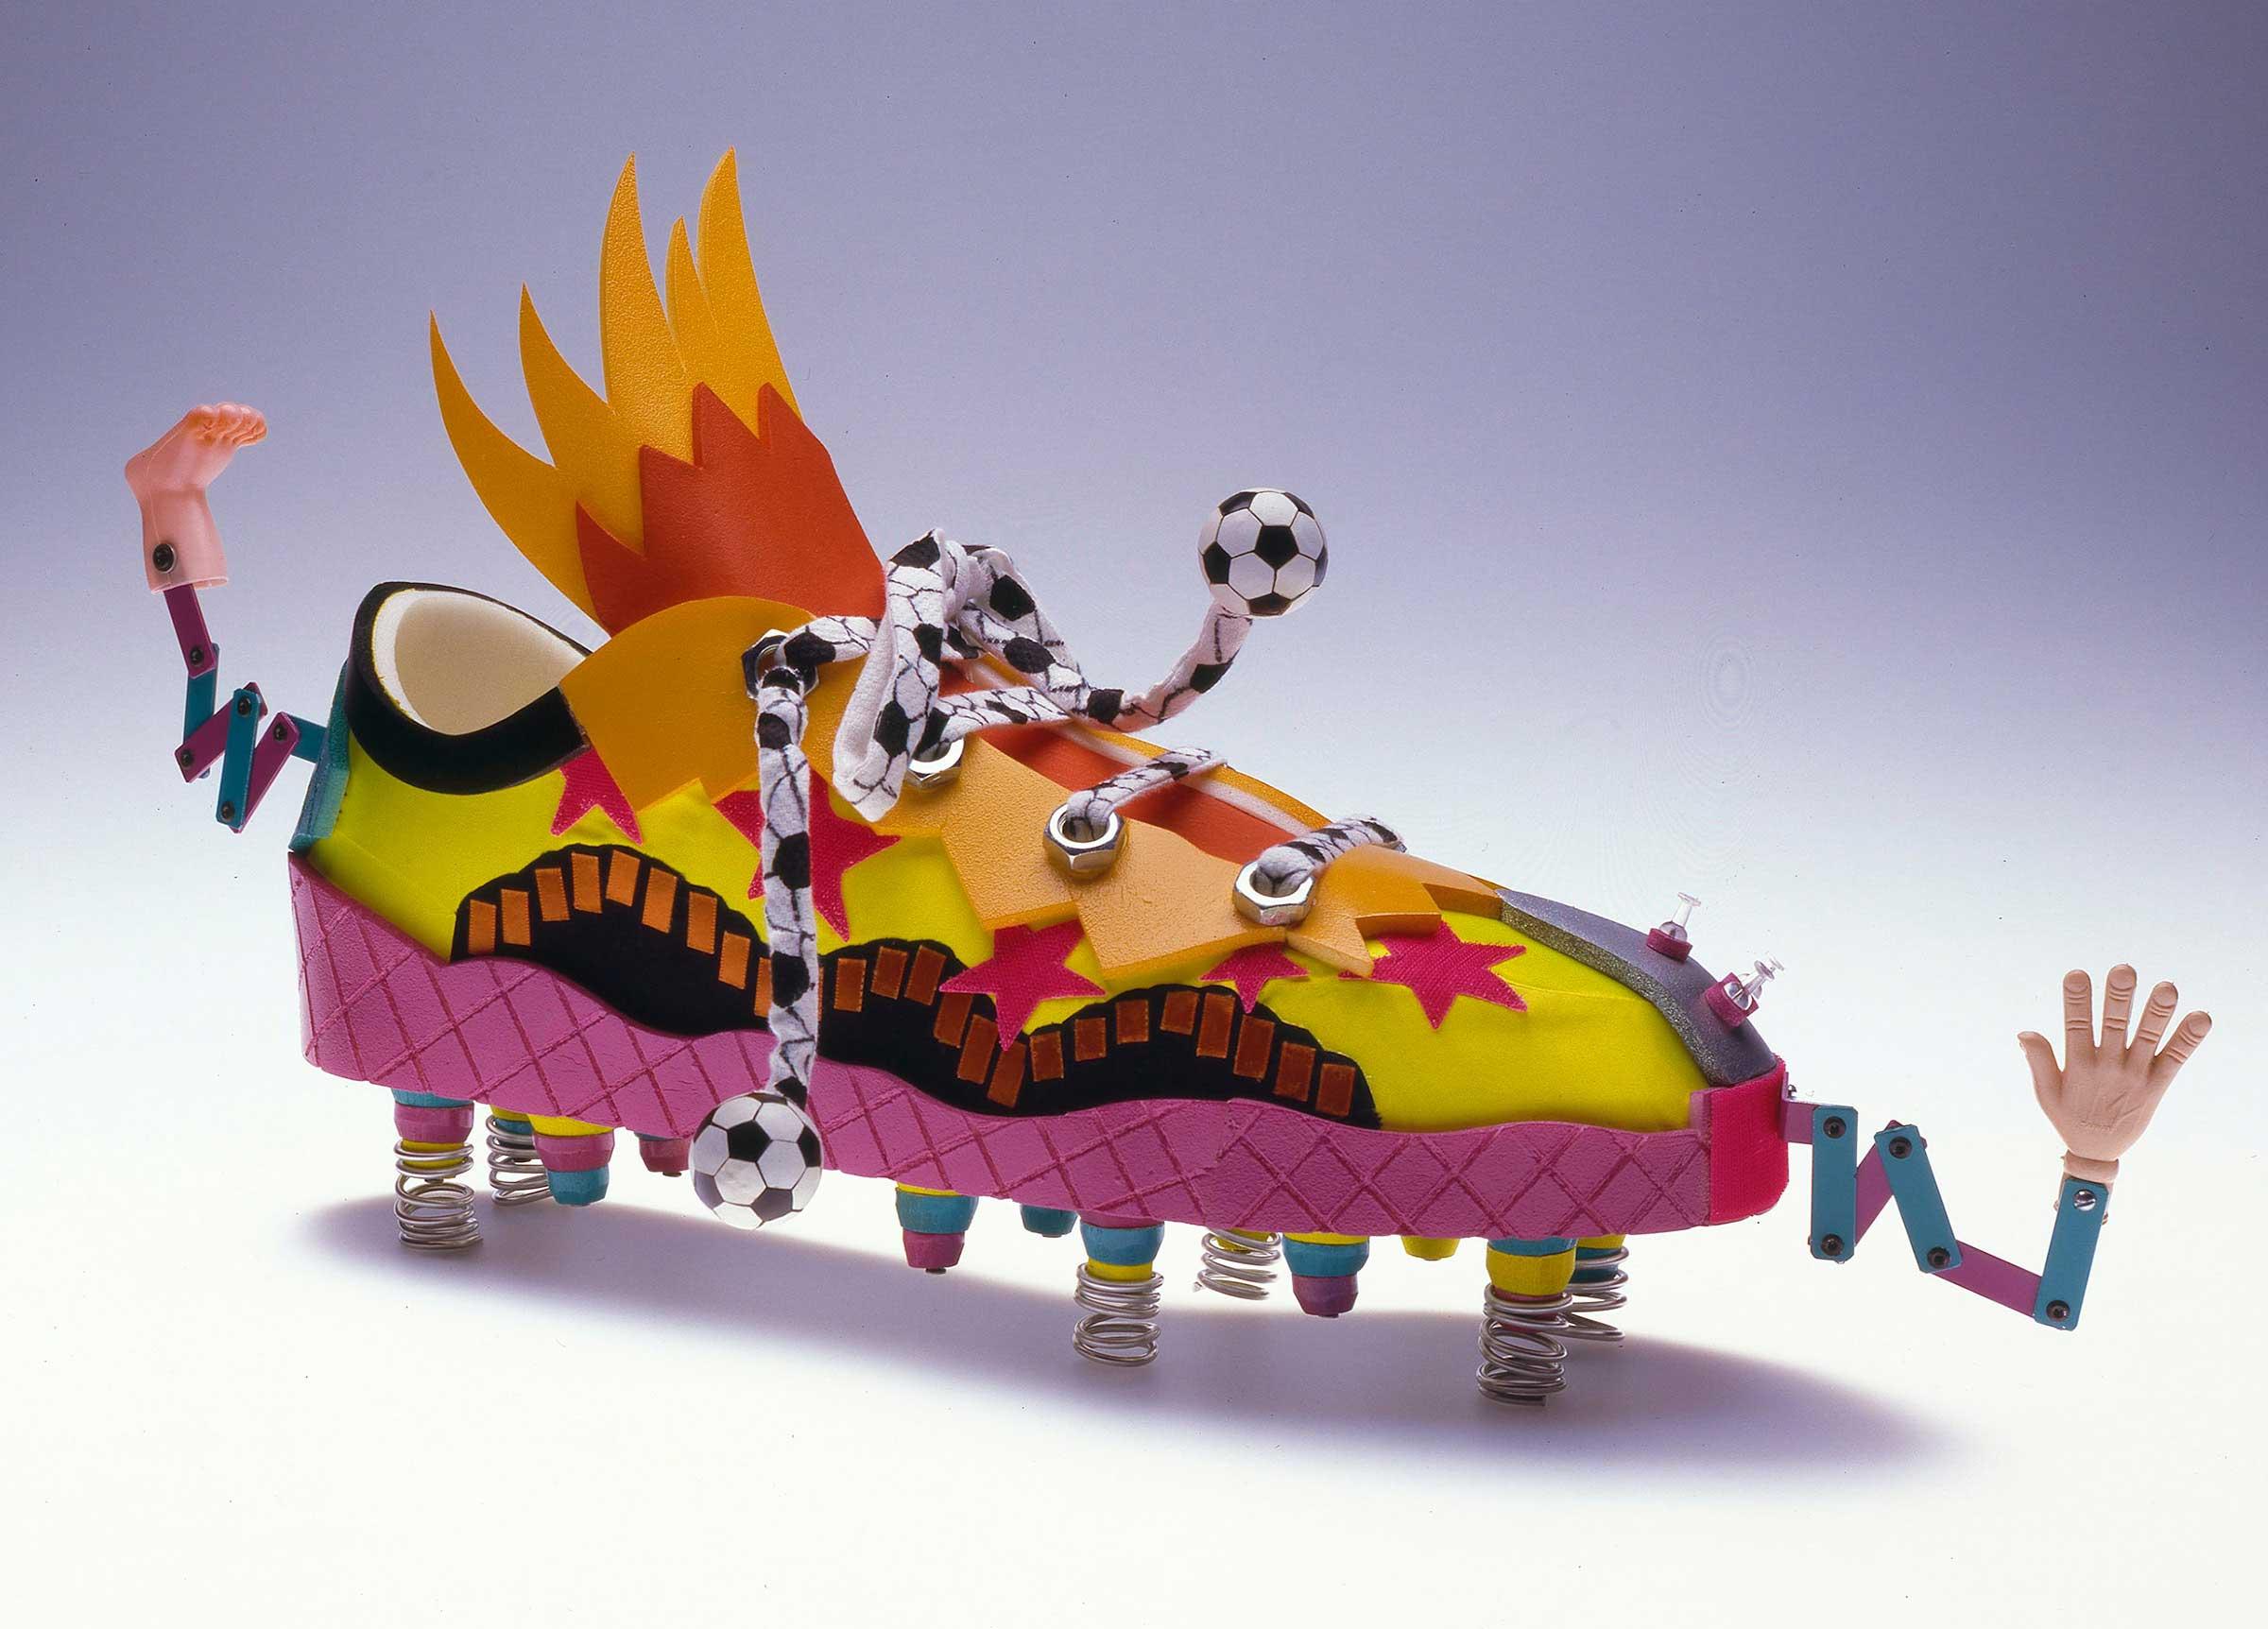 puma-joke-soccor-shoe.jpg